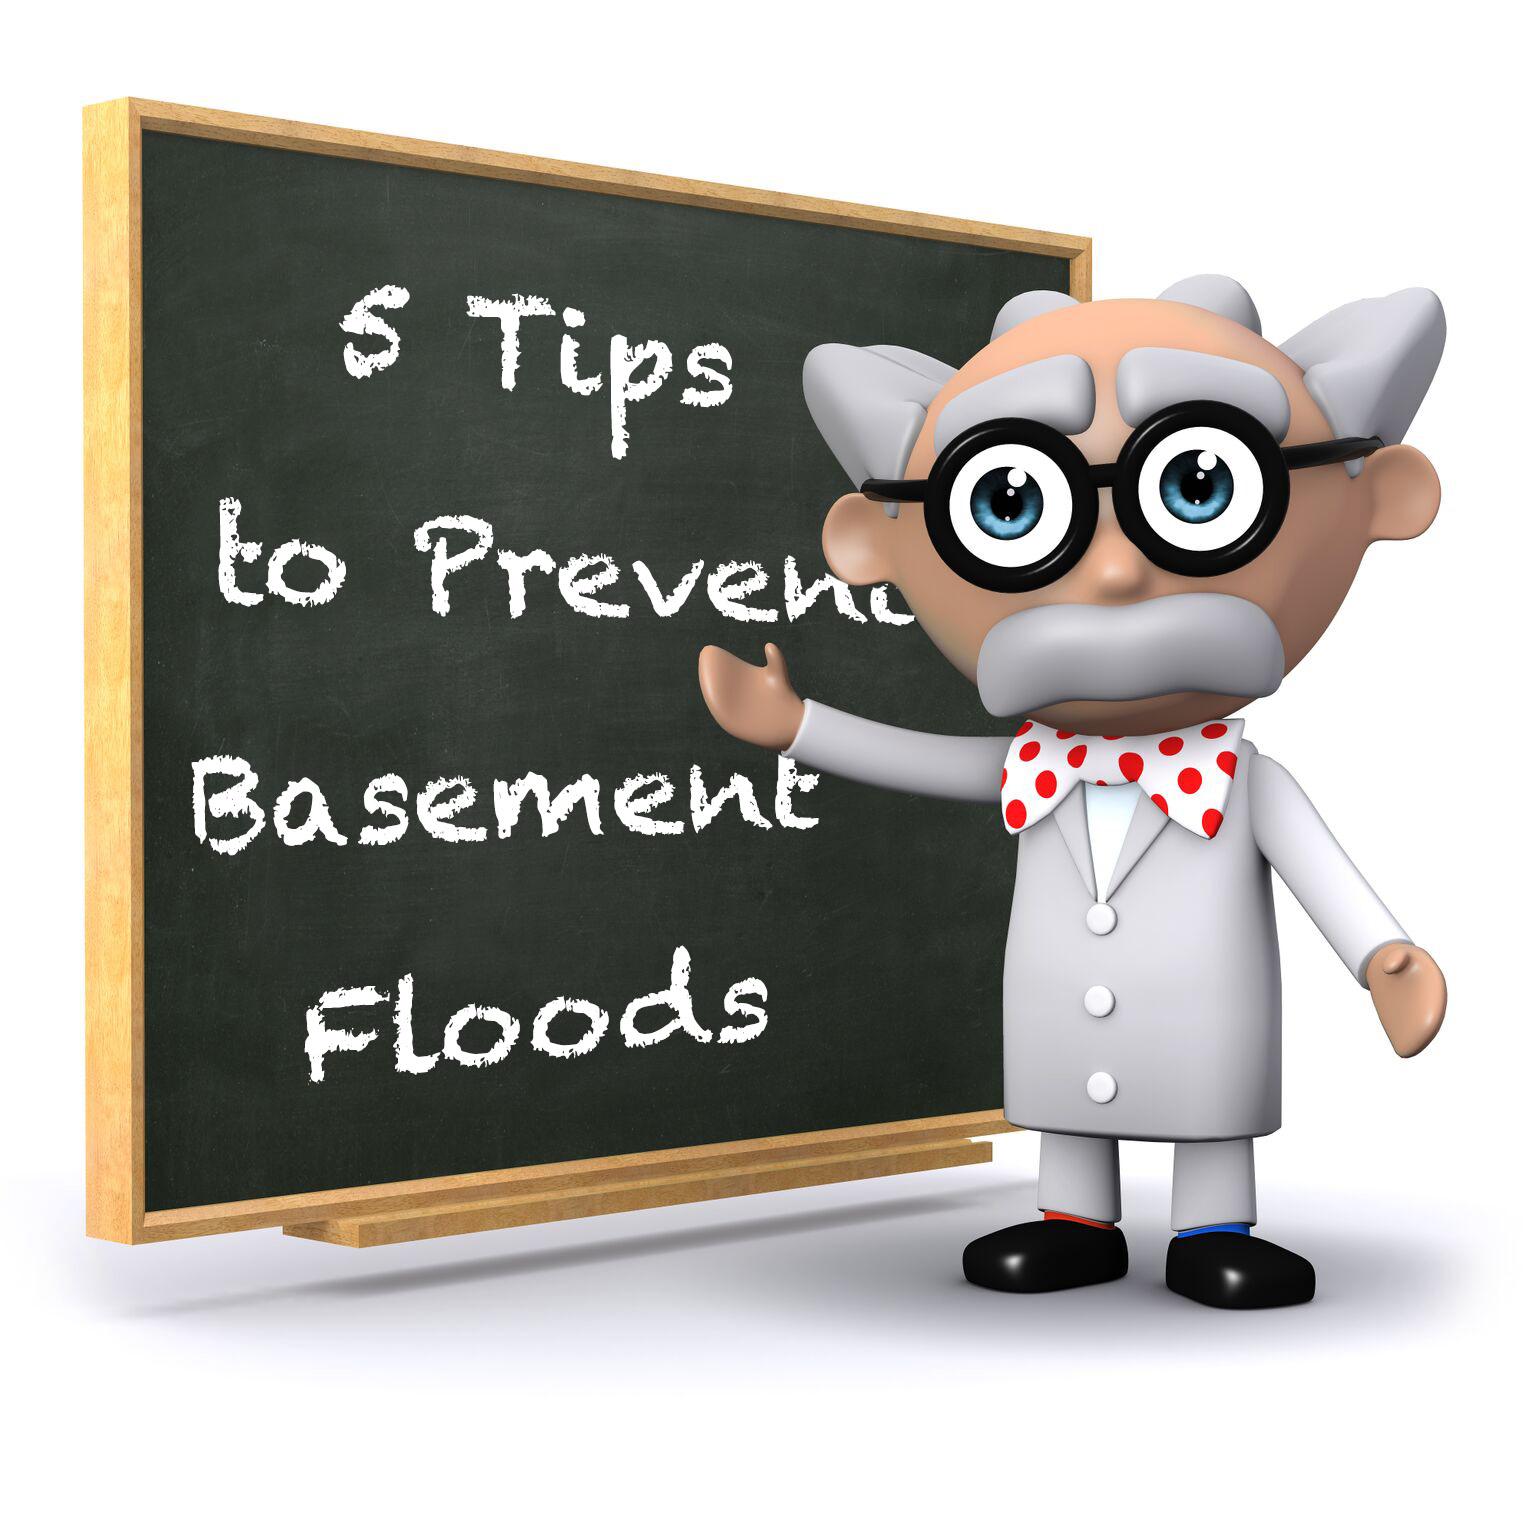 Preventing basement floors